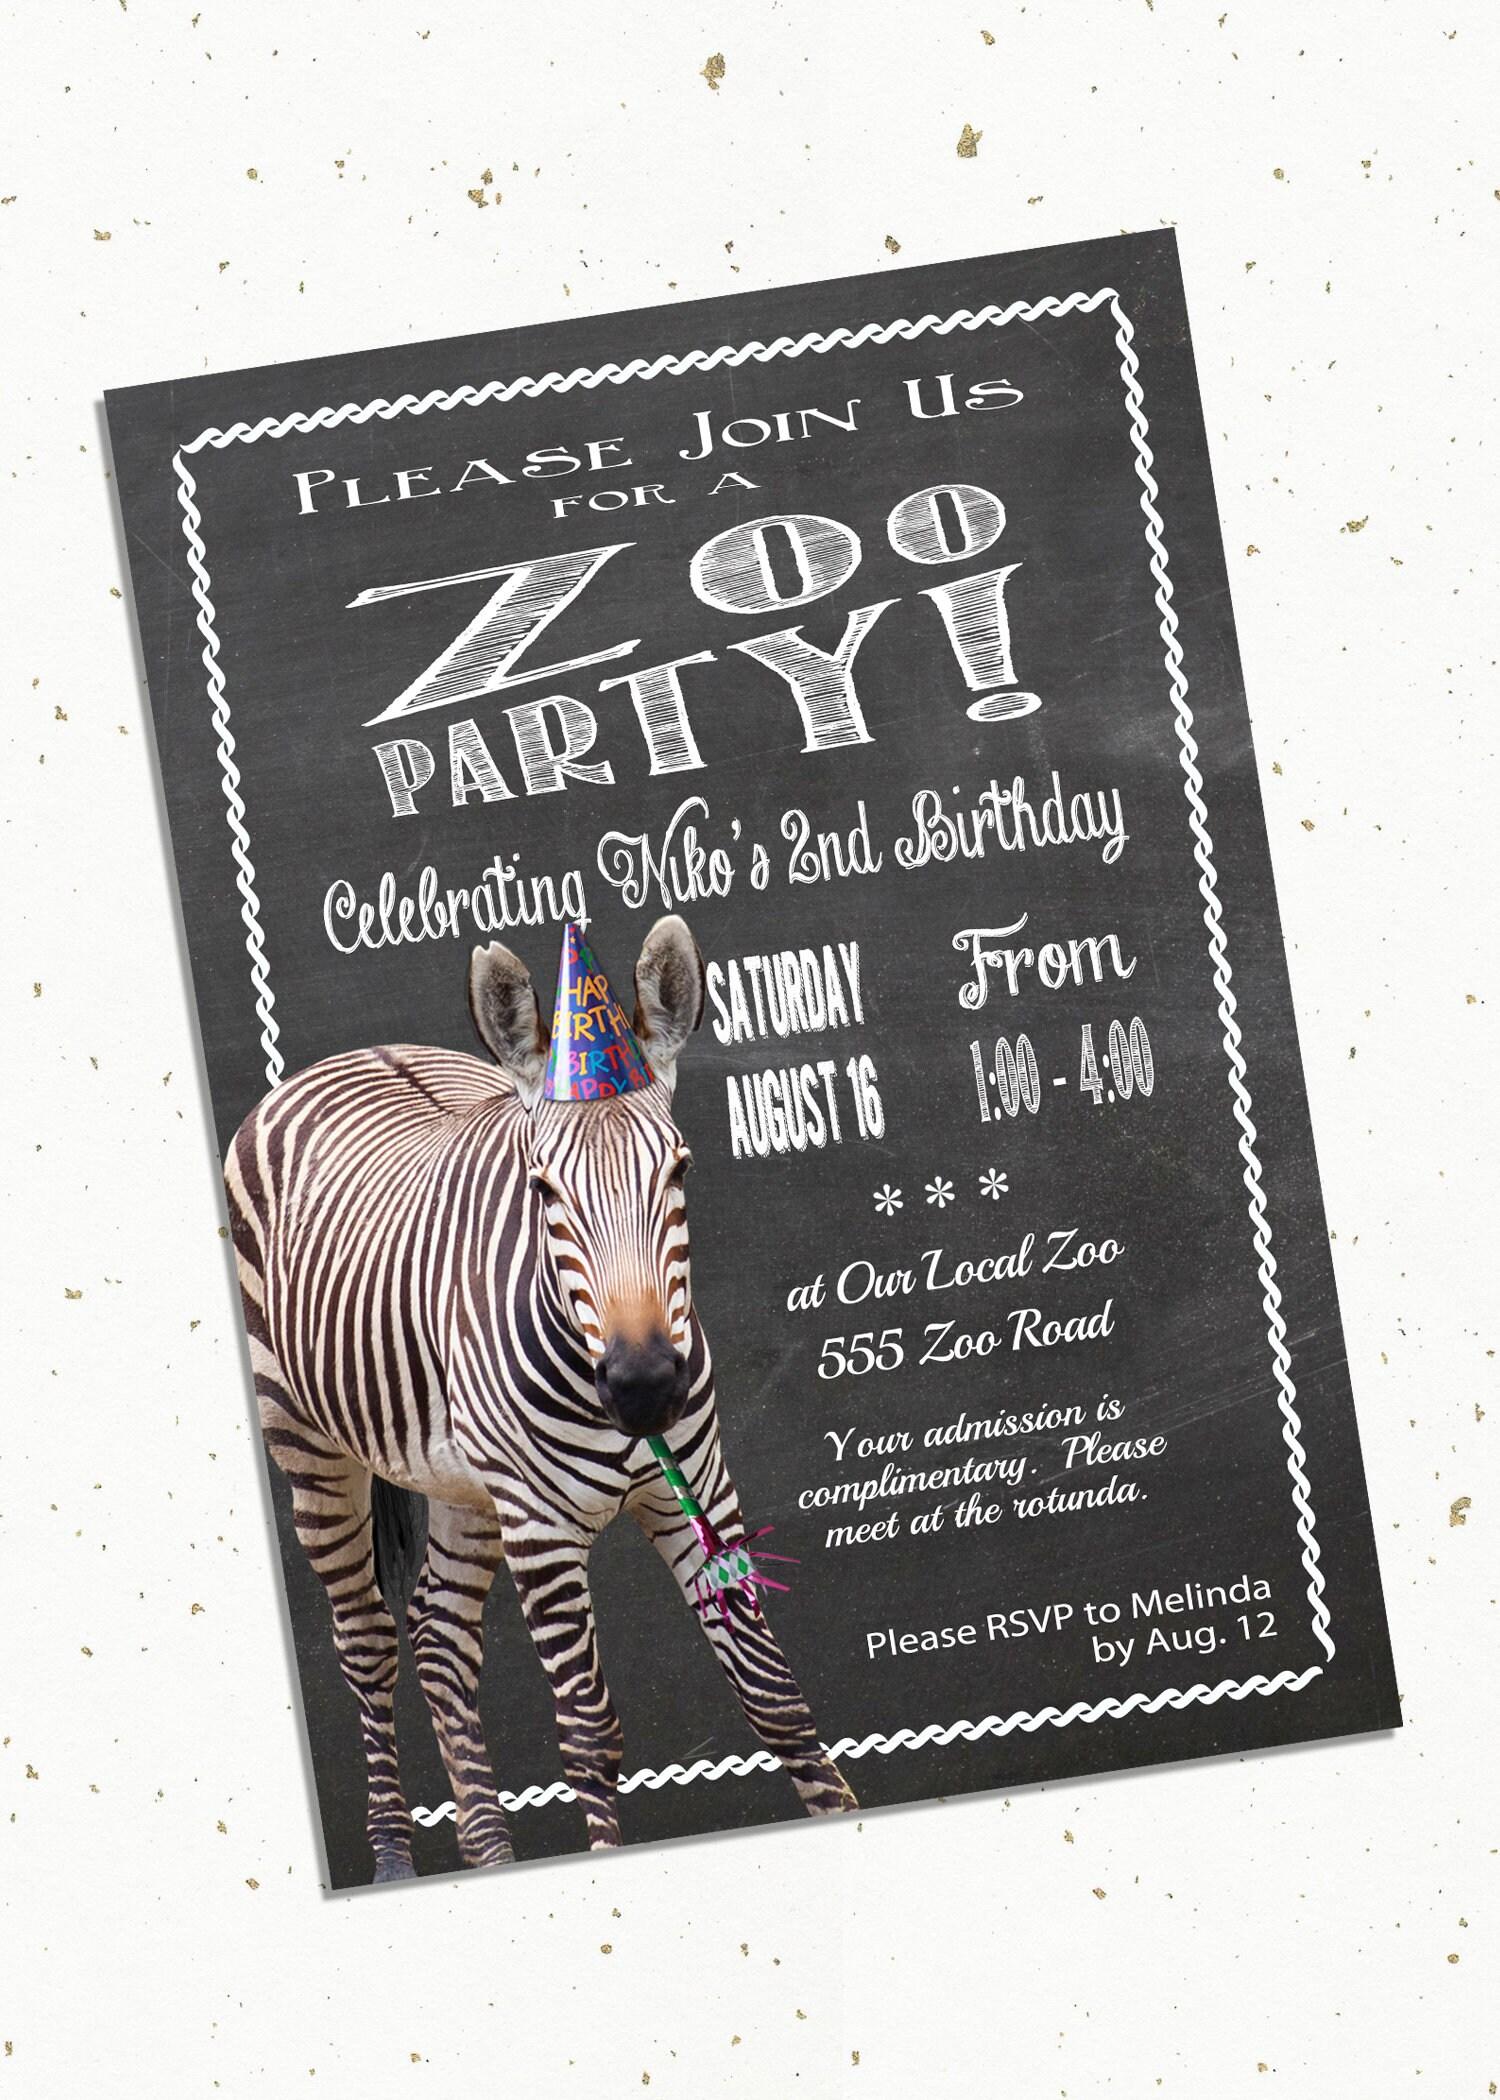 Zoo-Geburtstags-Party-Einladung mit Zebra Druck zu Hause5